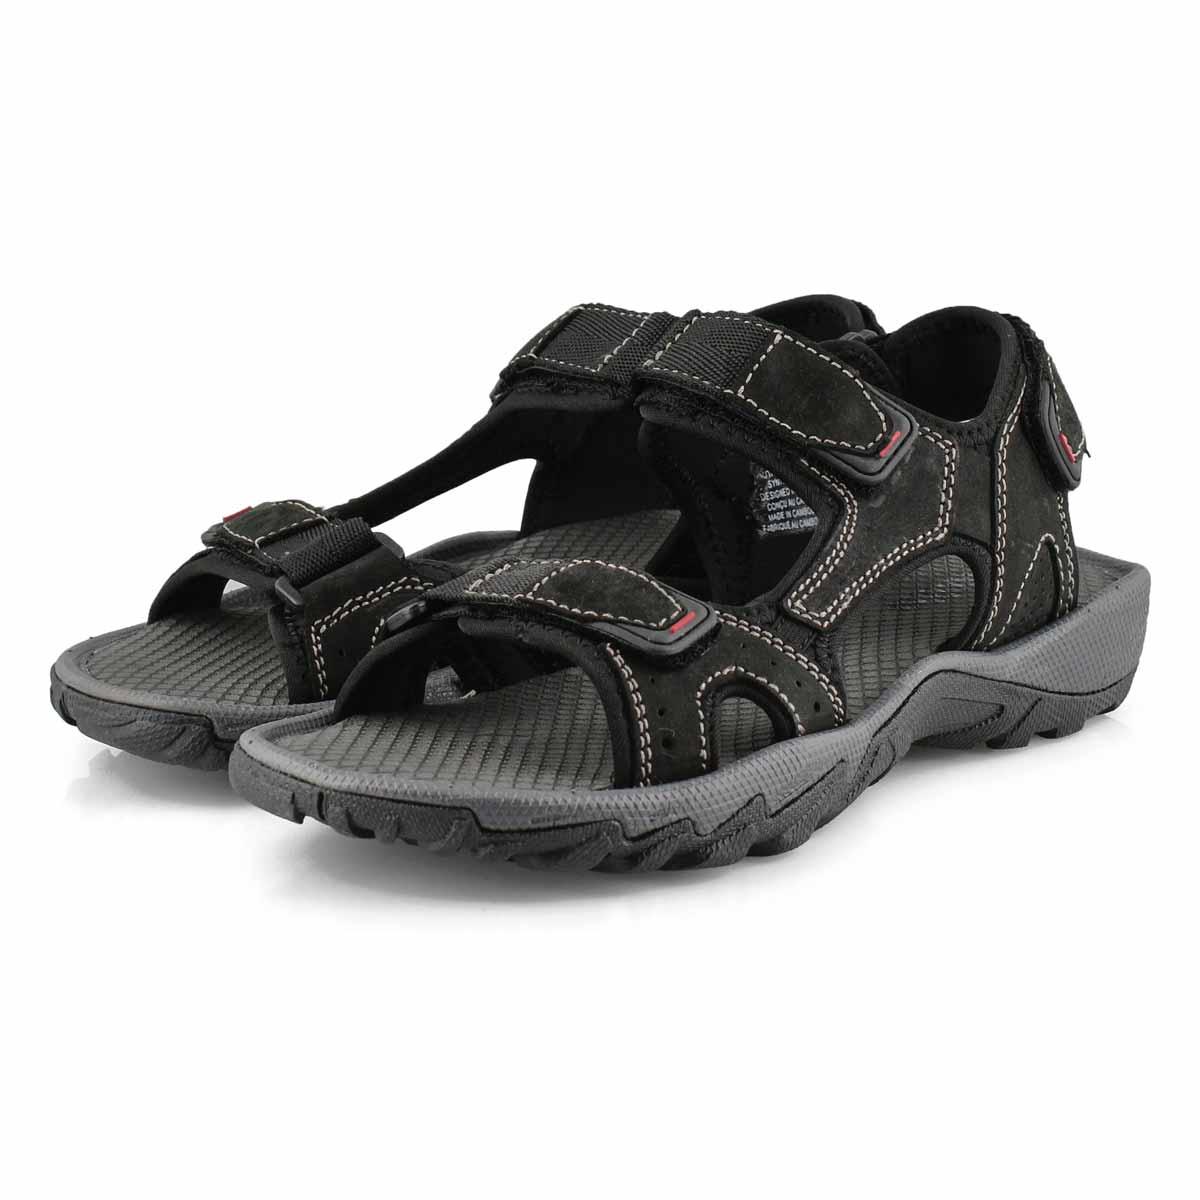 Mns Lucius 4 black 3 strap sport sandal